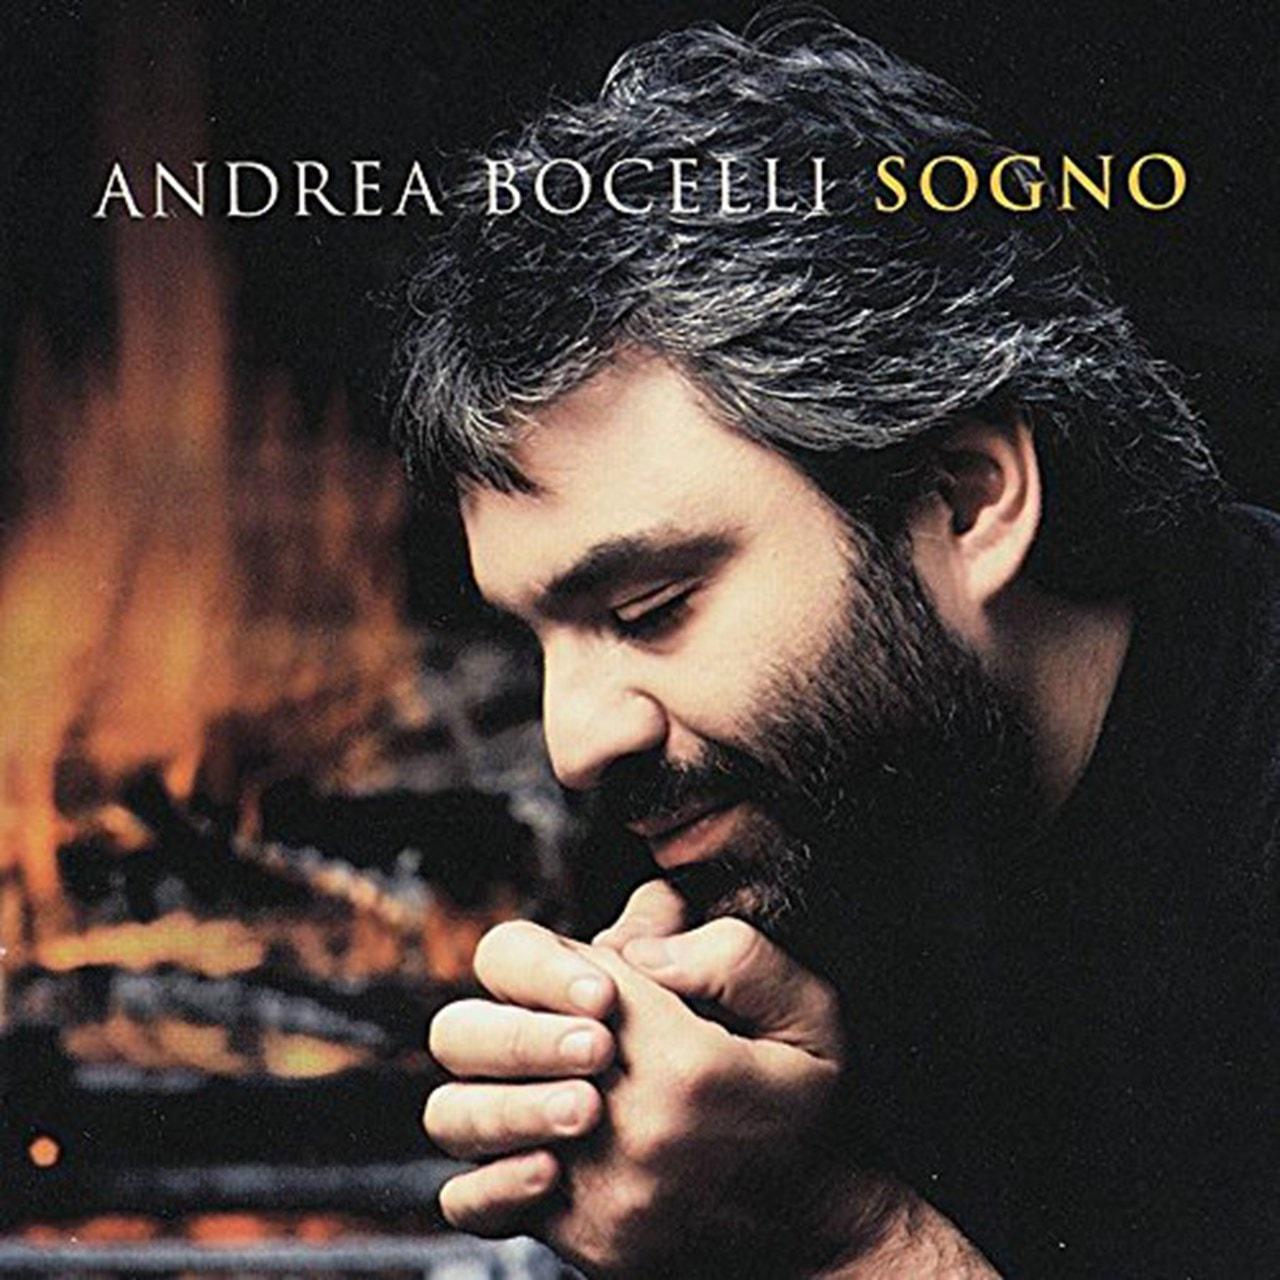 Andrea Bocelli: Sogno - 1